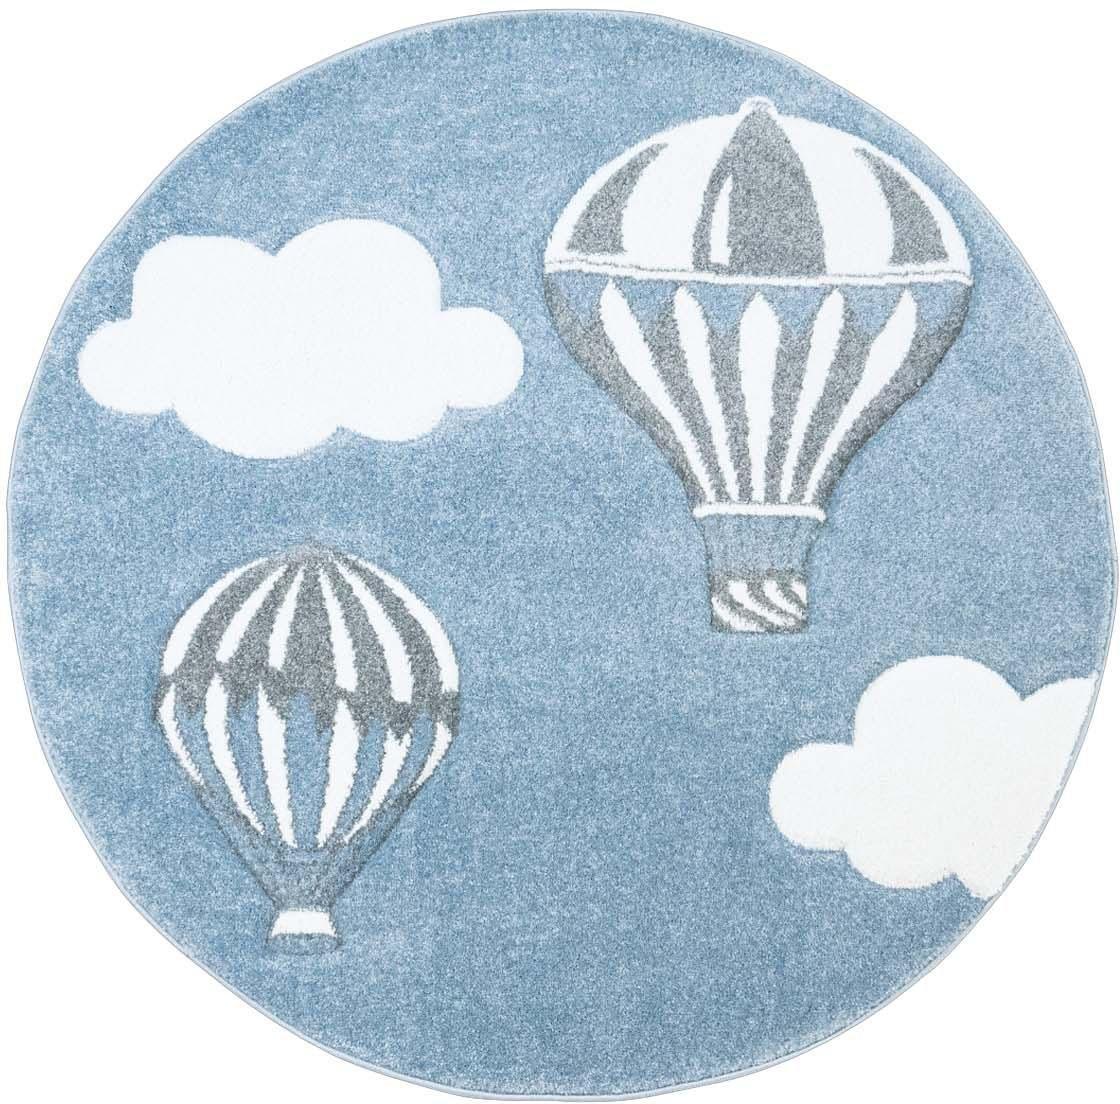 Carpet City vloerkleed voor de kinderkamer Bueno Kids 1456 Heteluchtballon, met de hand gesneden reliëfpatroon voordelig en veilig online kopen